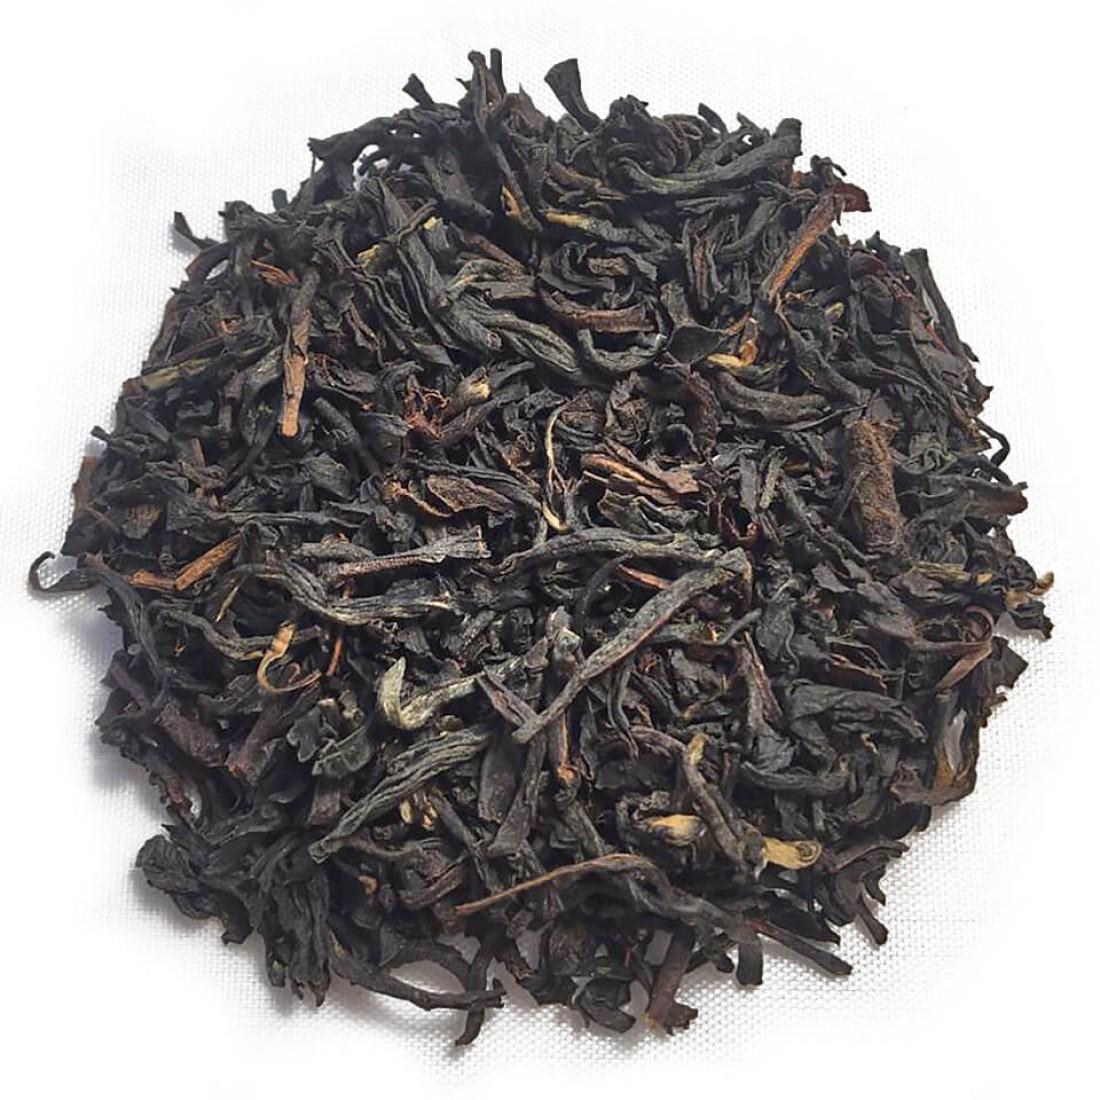 топ чаев с бергамотом